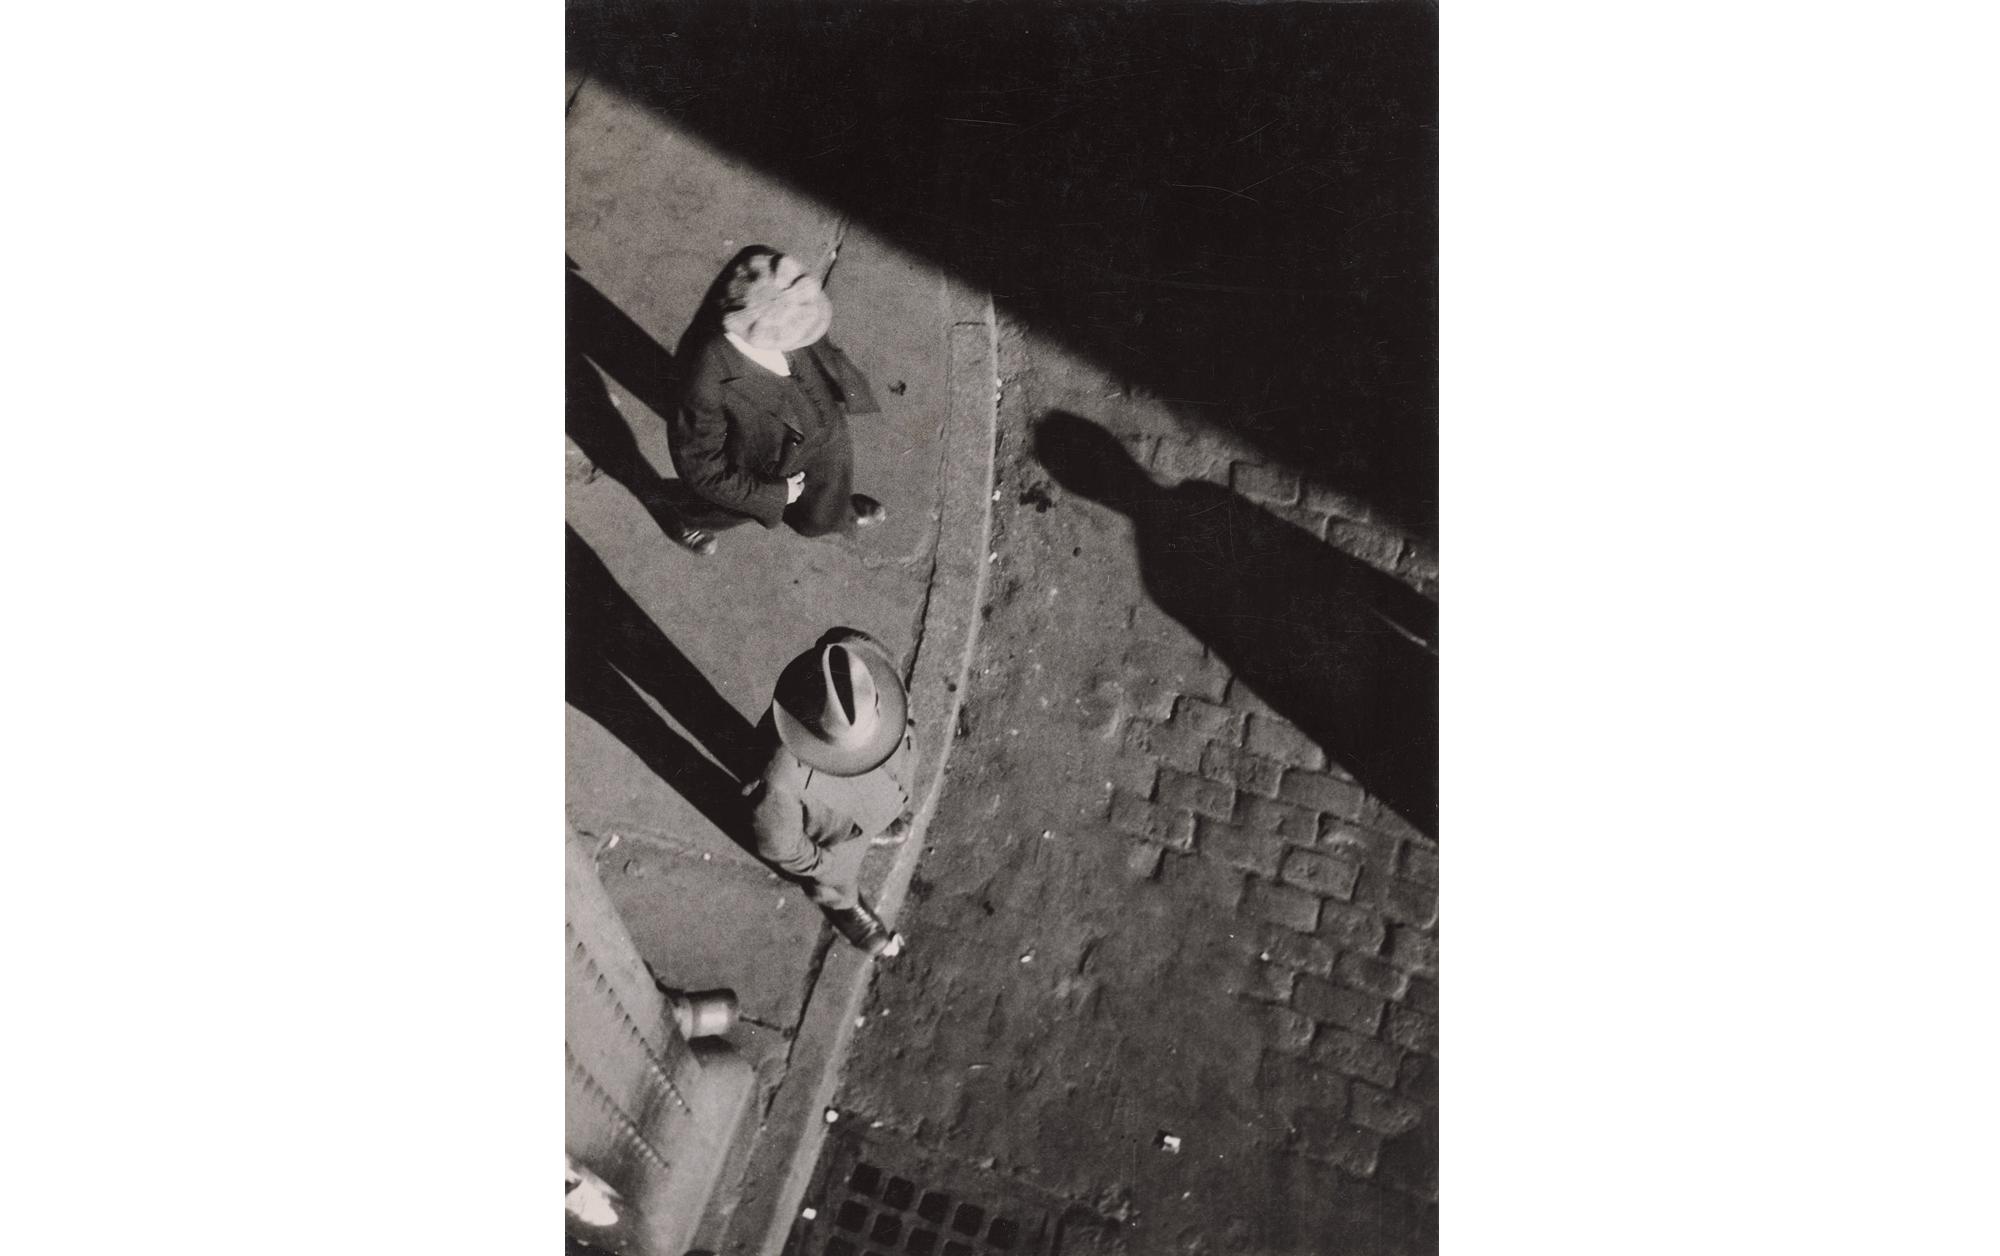 エヴァンスが路上からとらえたアメリカの歴史 | New York City Street Corner, 1929